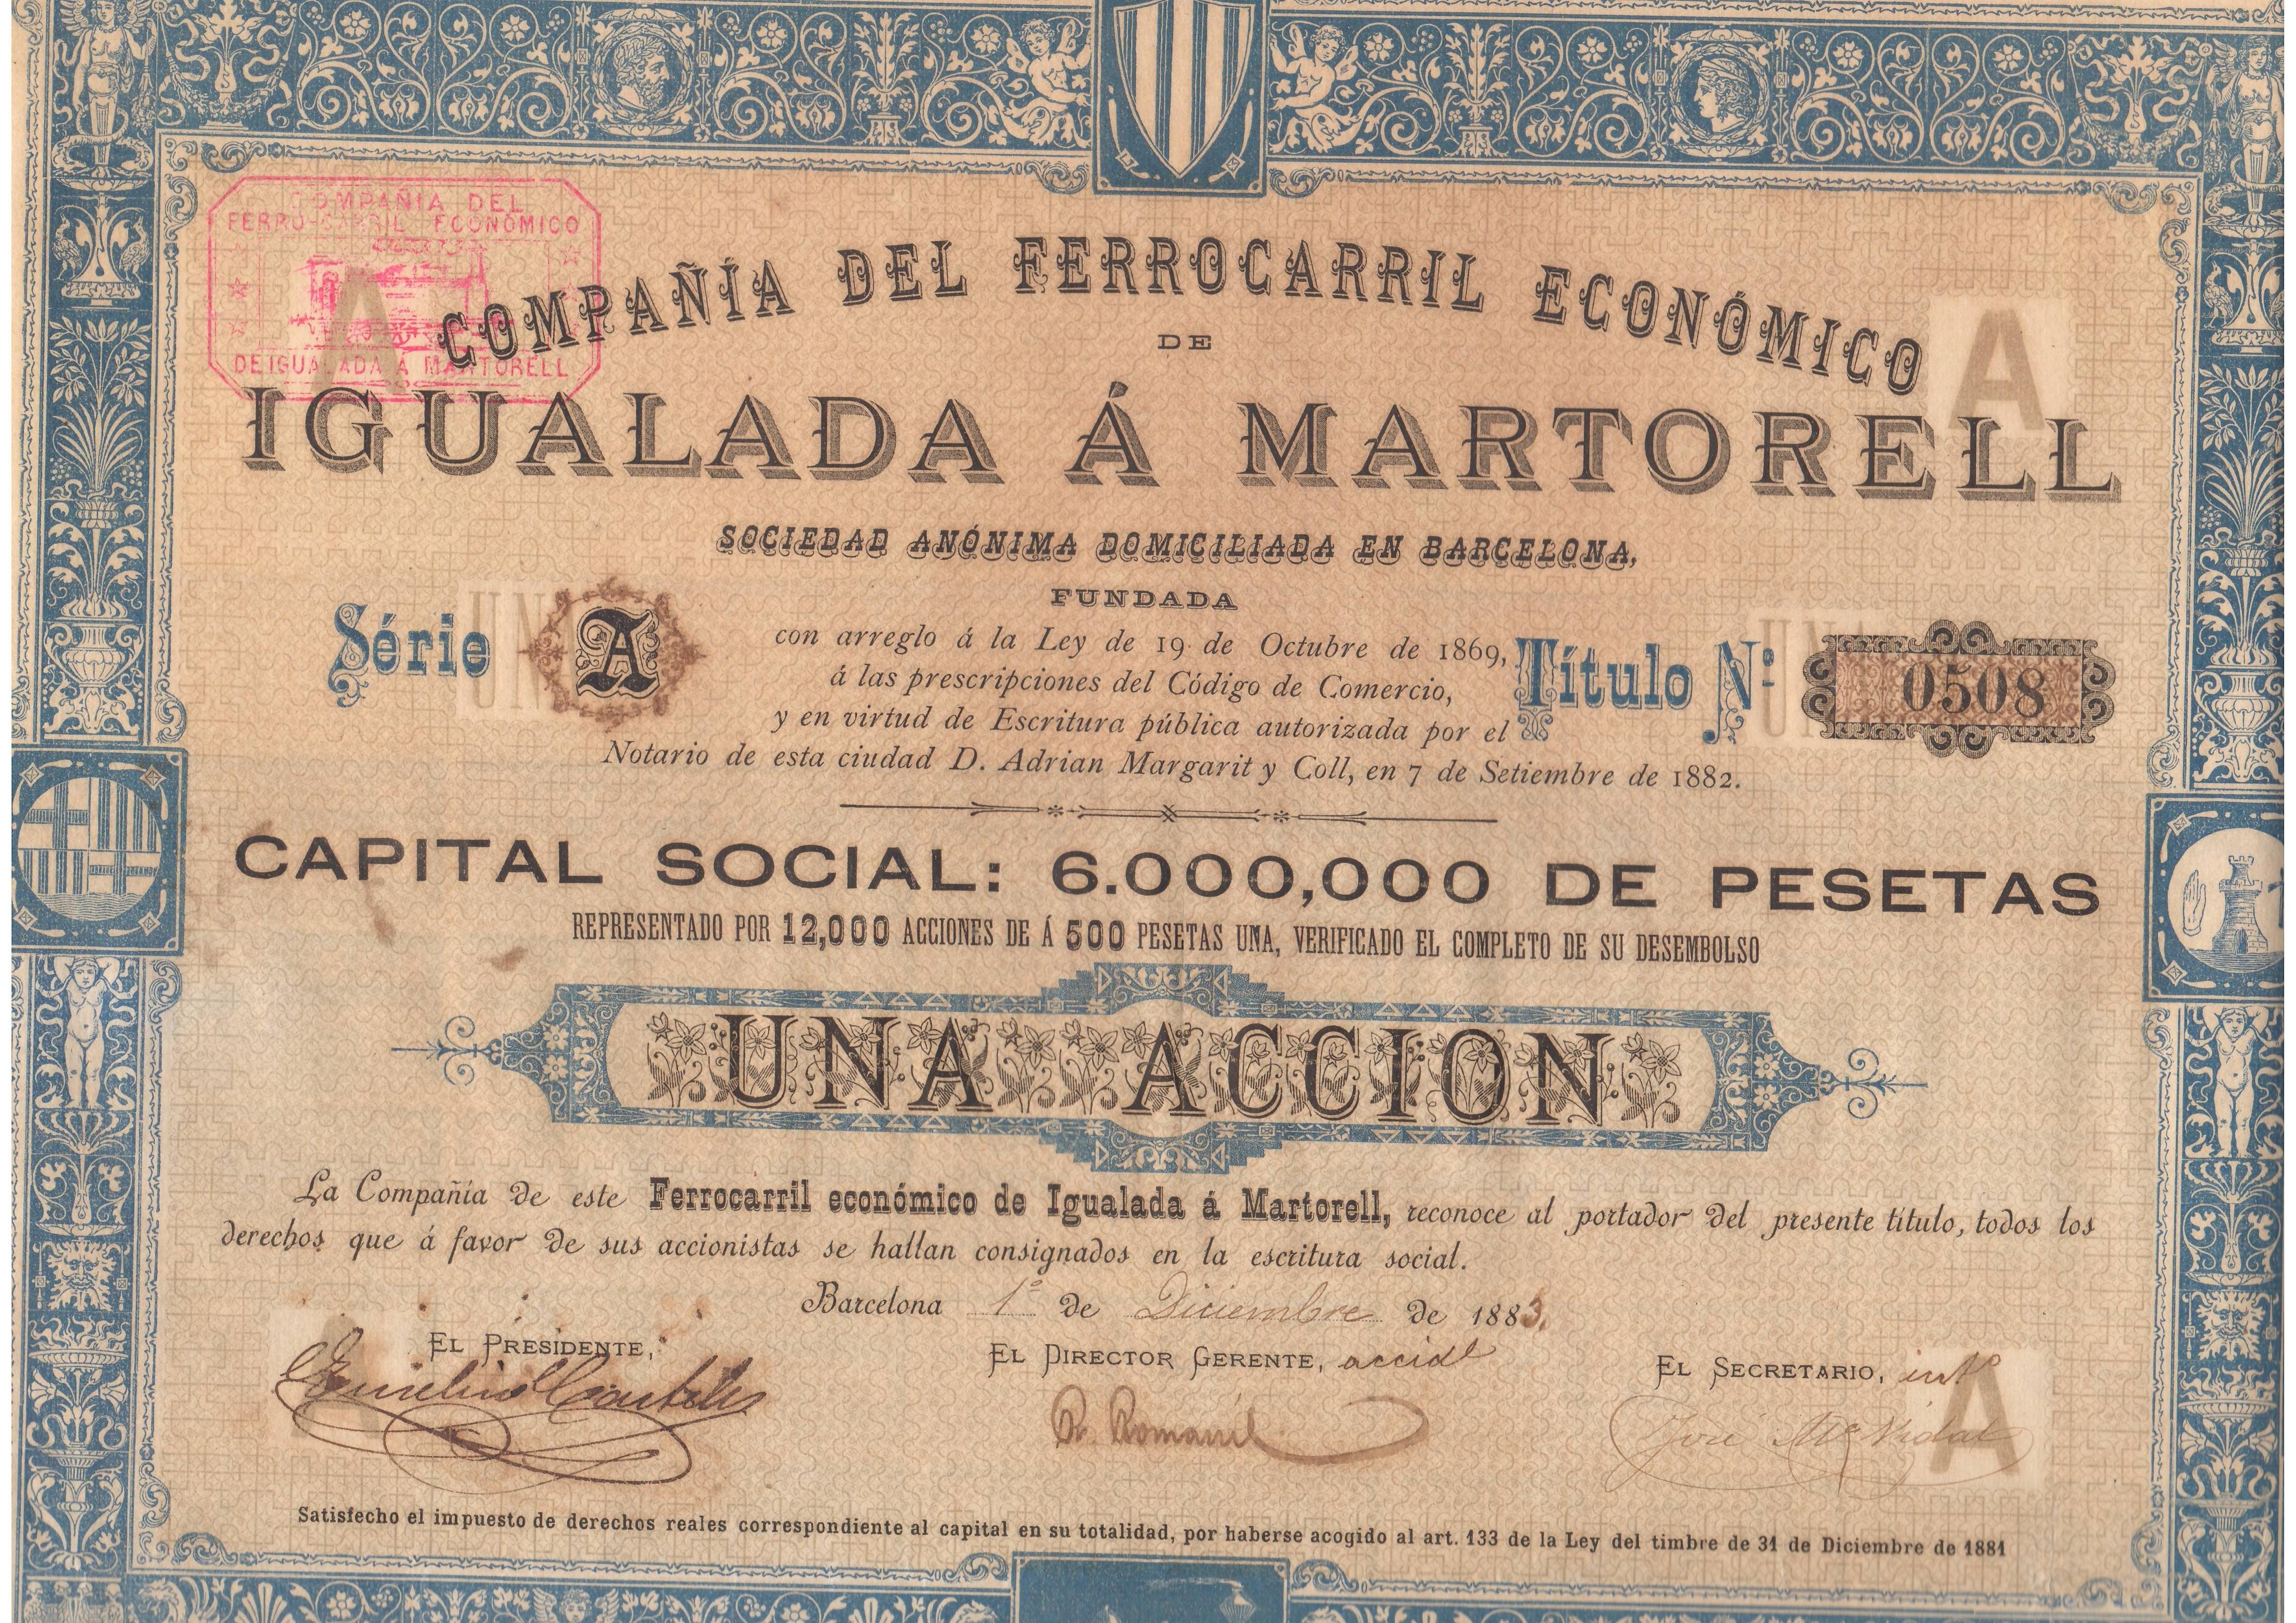 Compañía del Ferrocarril Económico de Igualada a Martorell